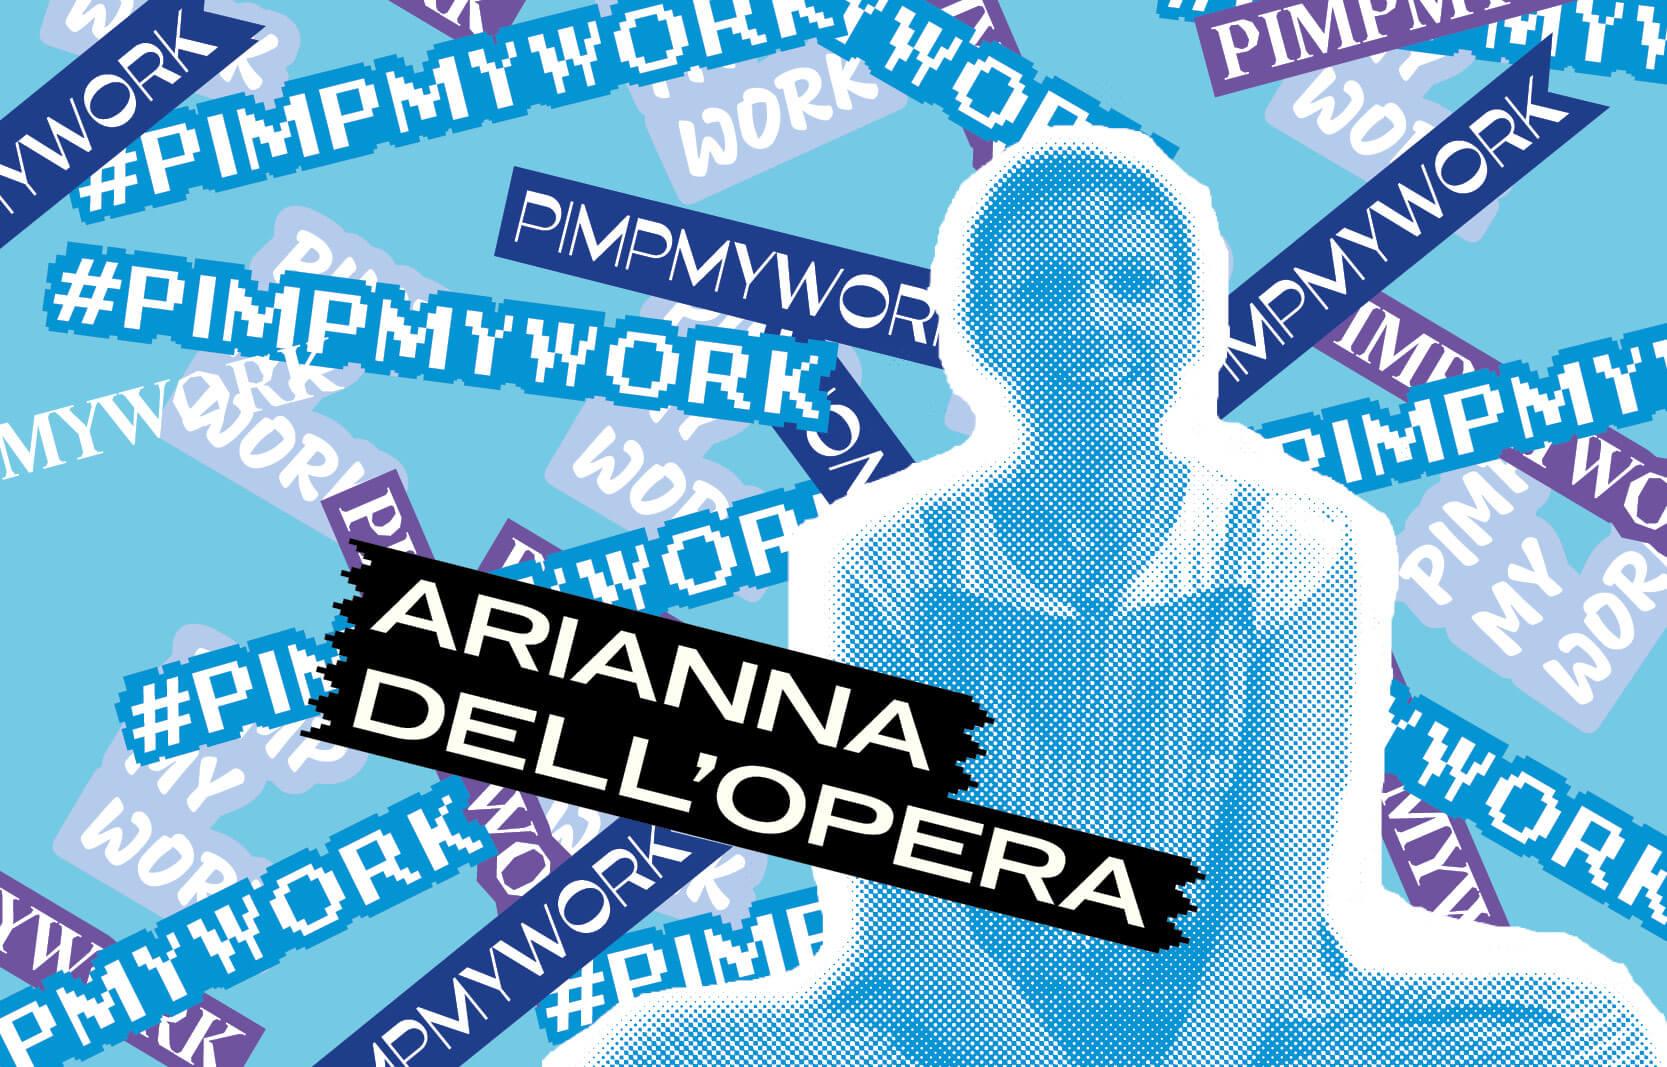 Arianna Dell'Opera